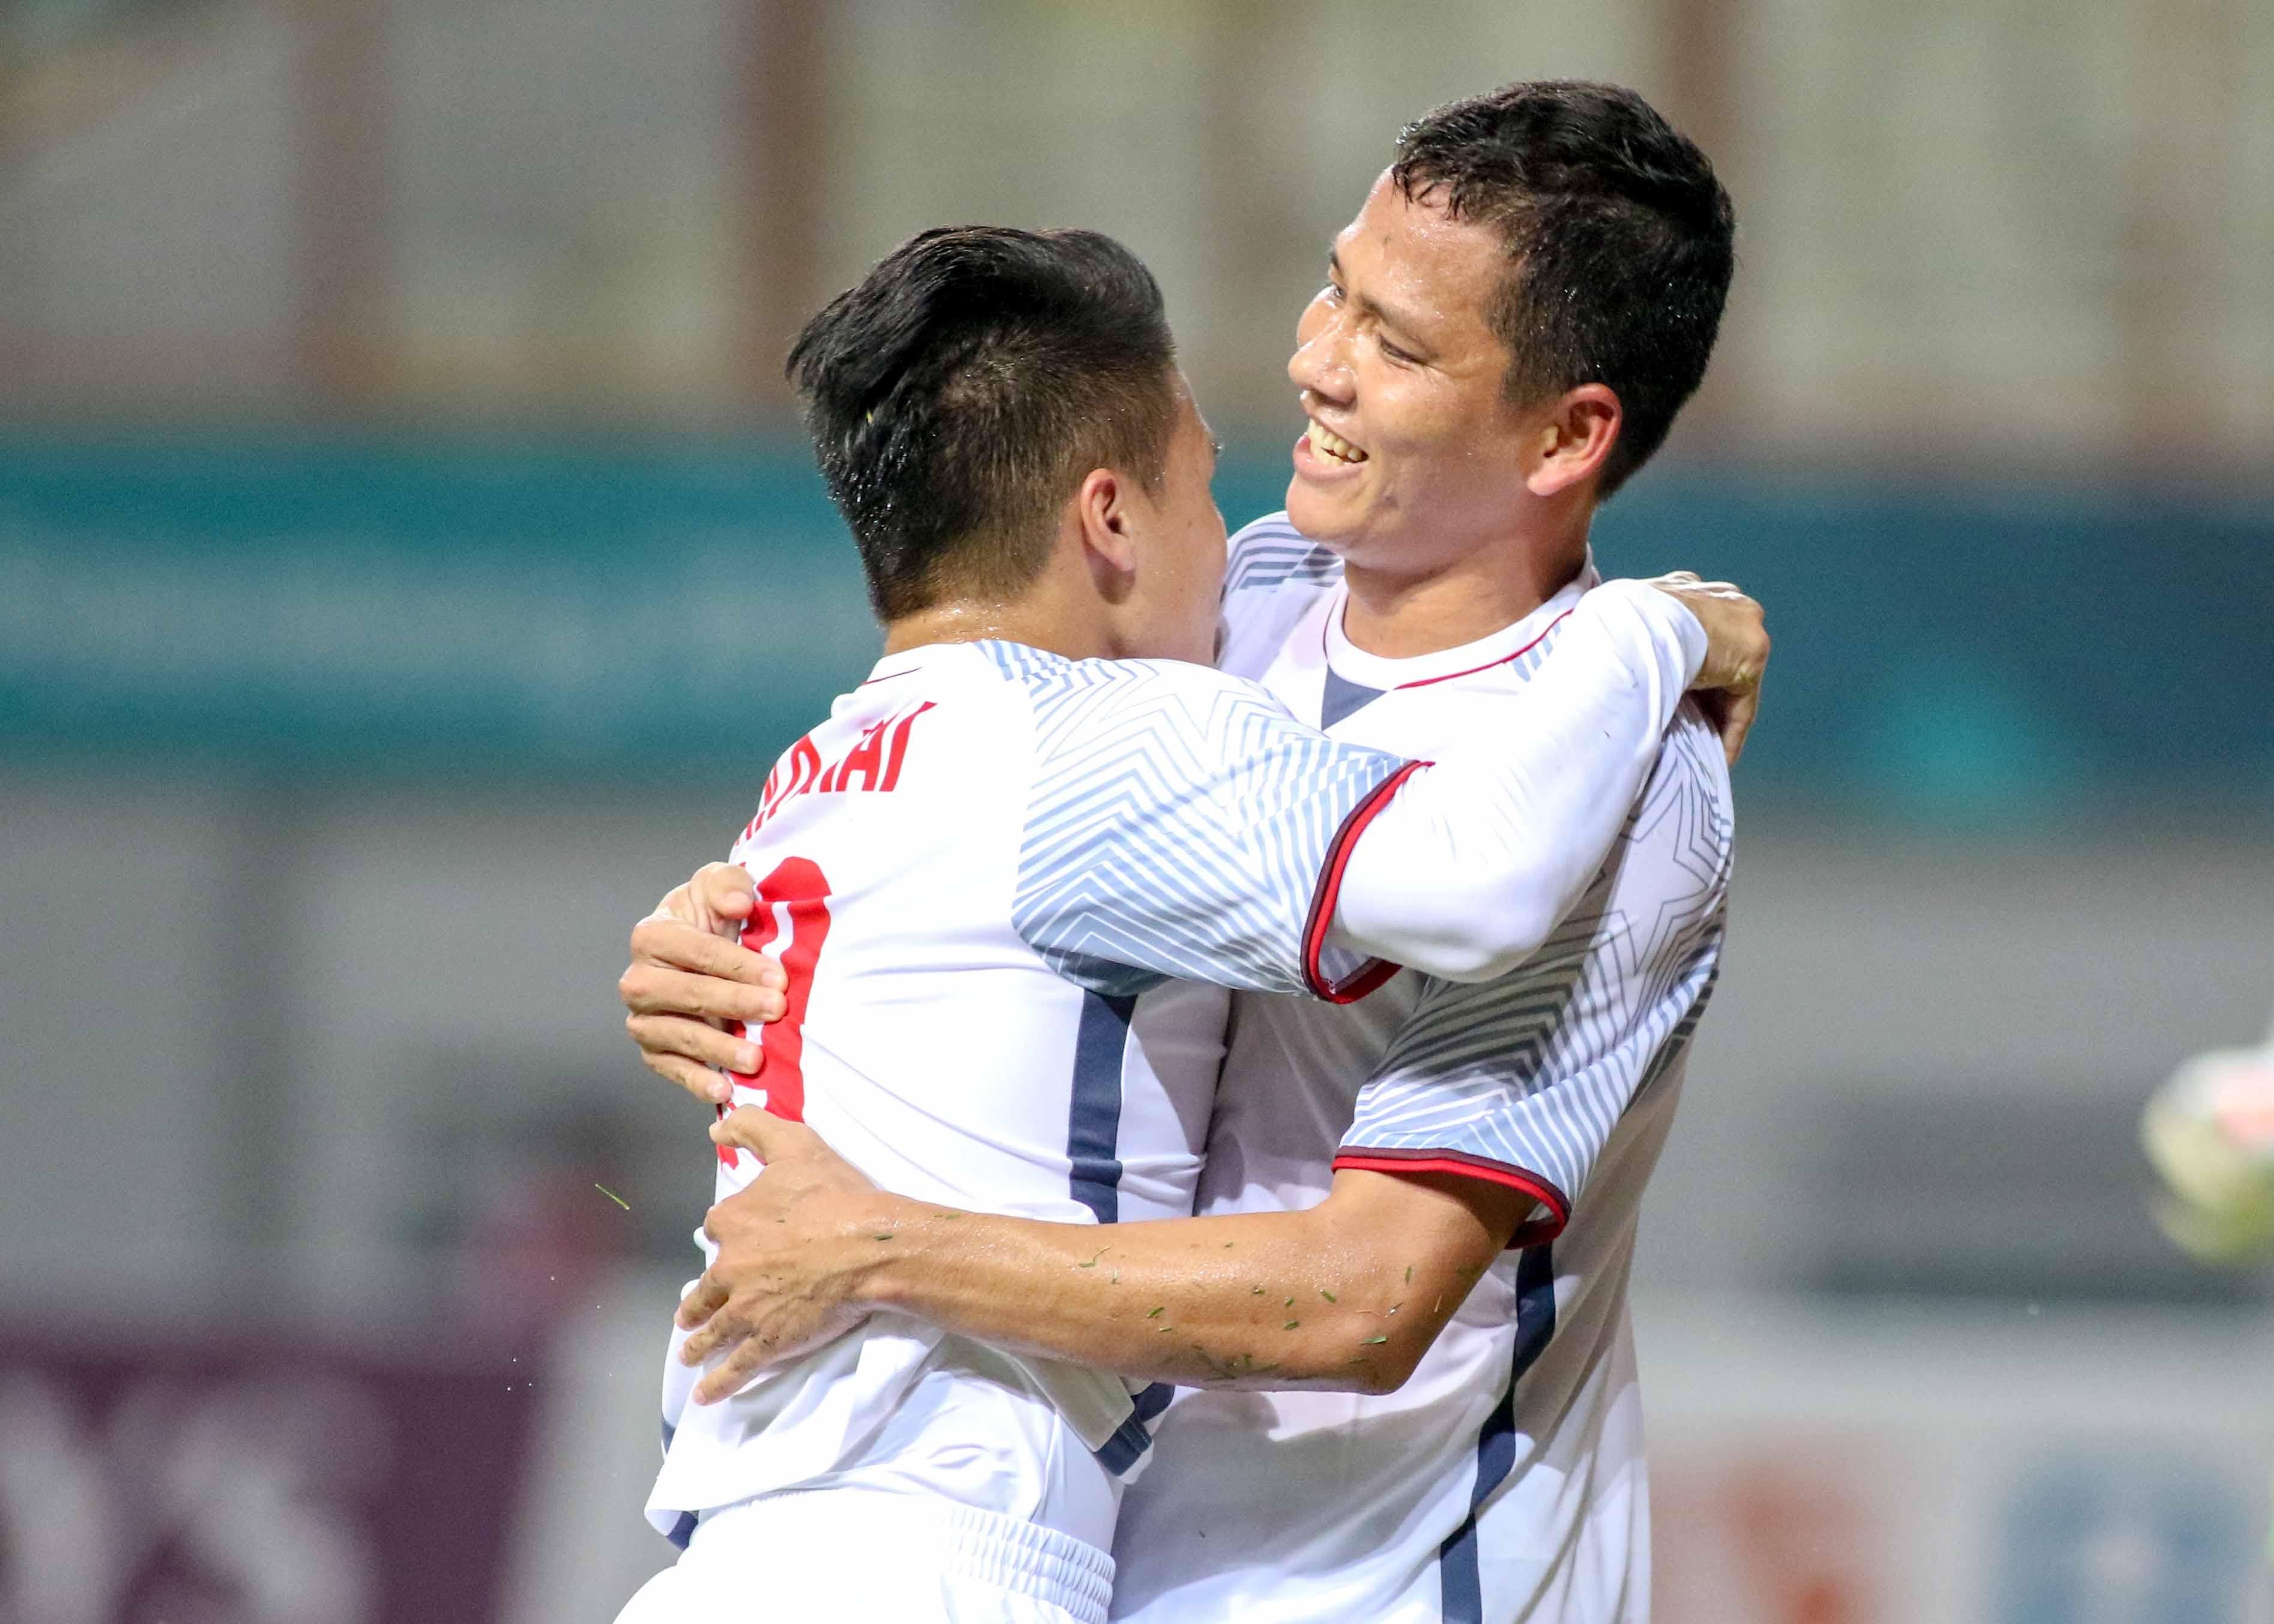 TRỰC TIẾP ĐT Lào 0-1 ĐT Việt Nam (H1): Trọng Hoàng chưa thể nhân đôi cách biệt - Bóng Đá